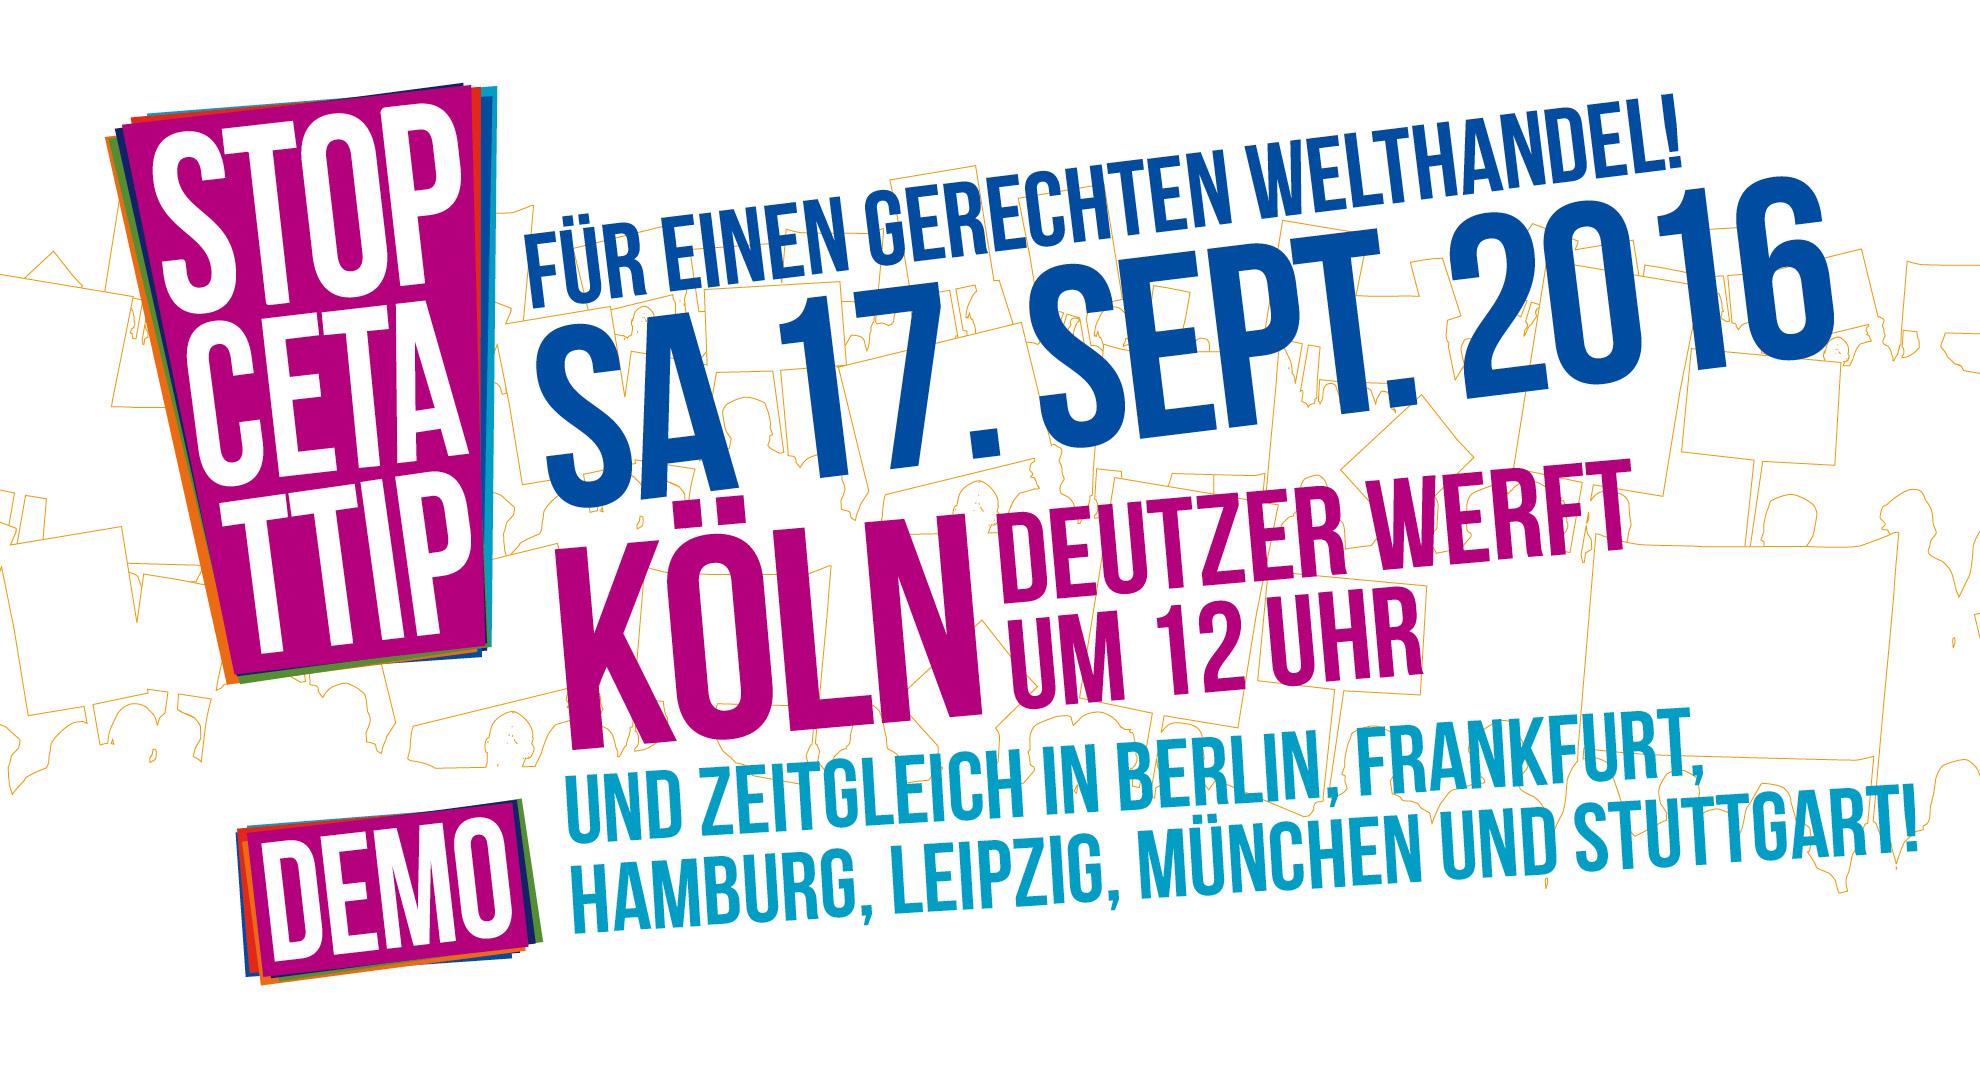 Banner der Demonstration gegen CETA und TTIP in Köln, 17.9.2016